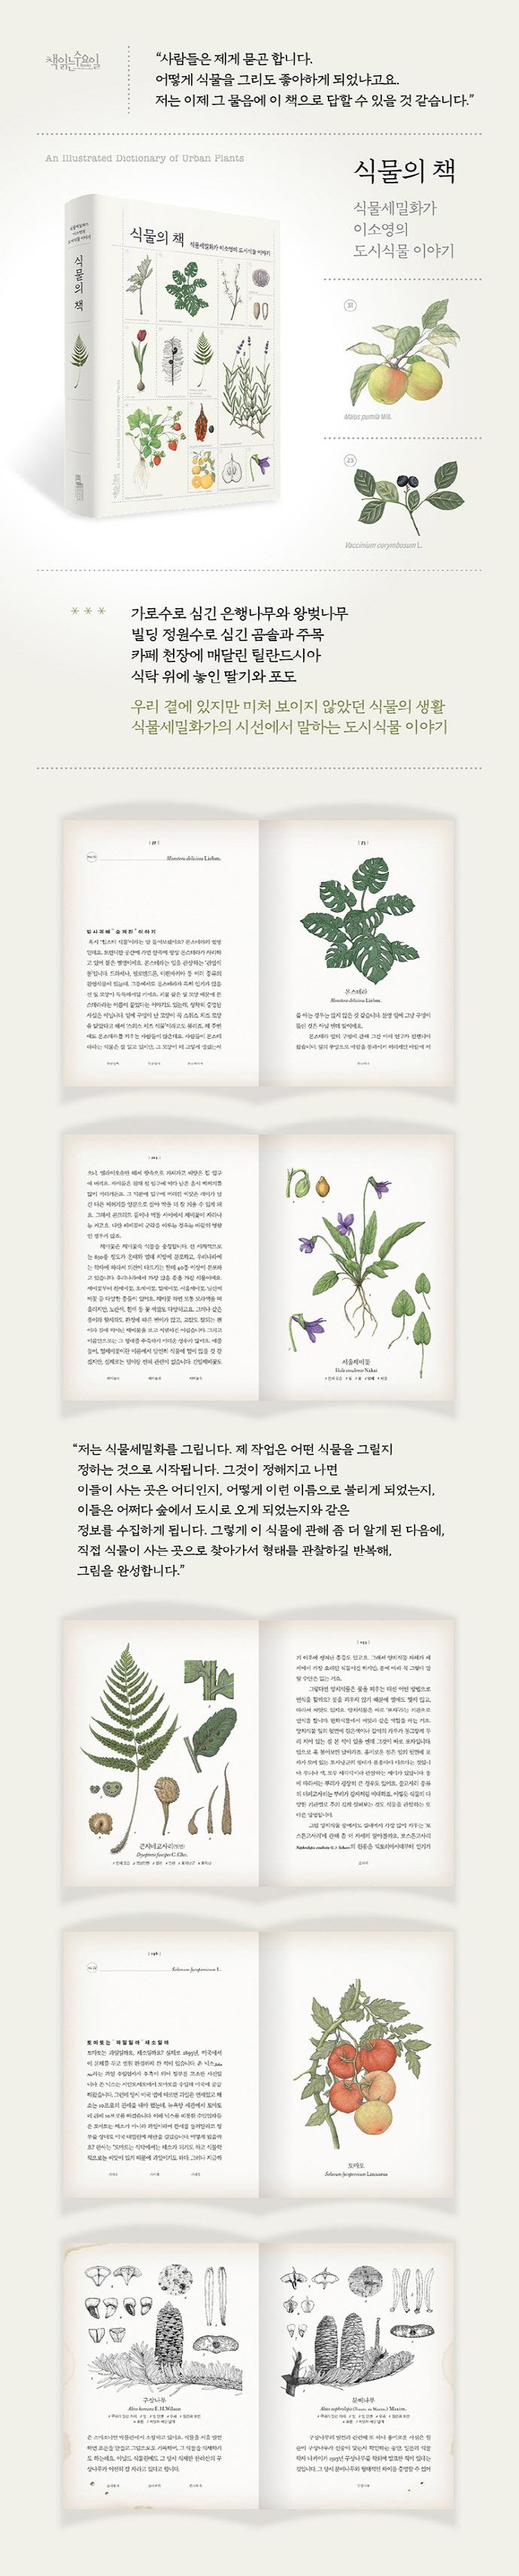 식물의 책 도서 상세이미지